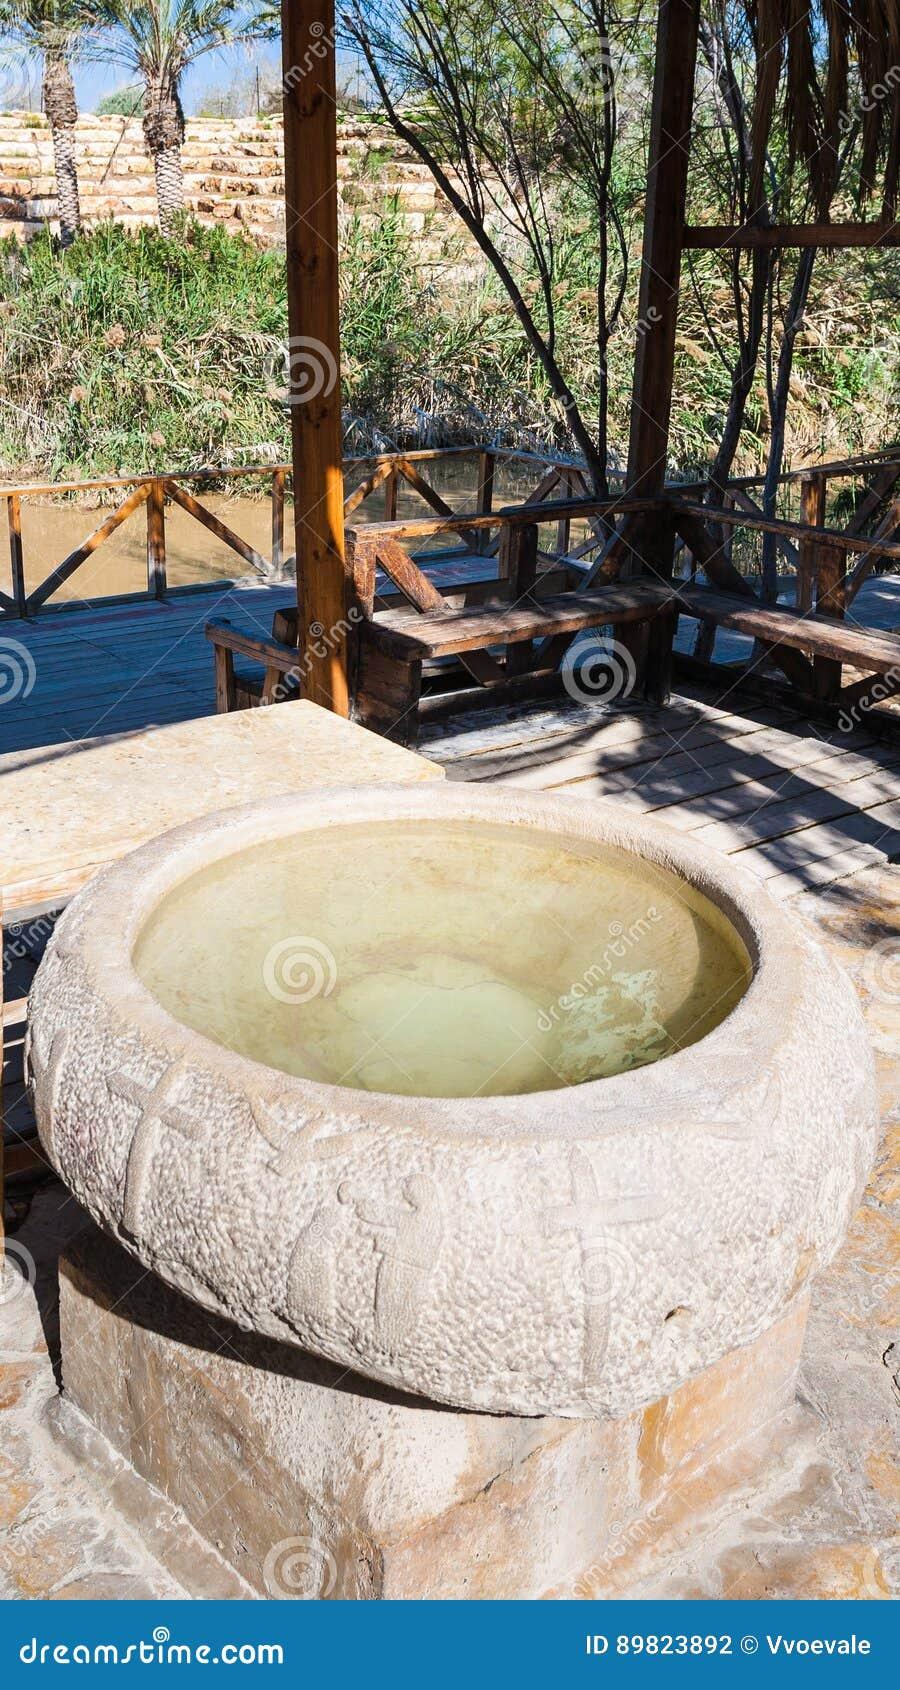 Fonte batismal antiga no local do batismo em Jordânia